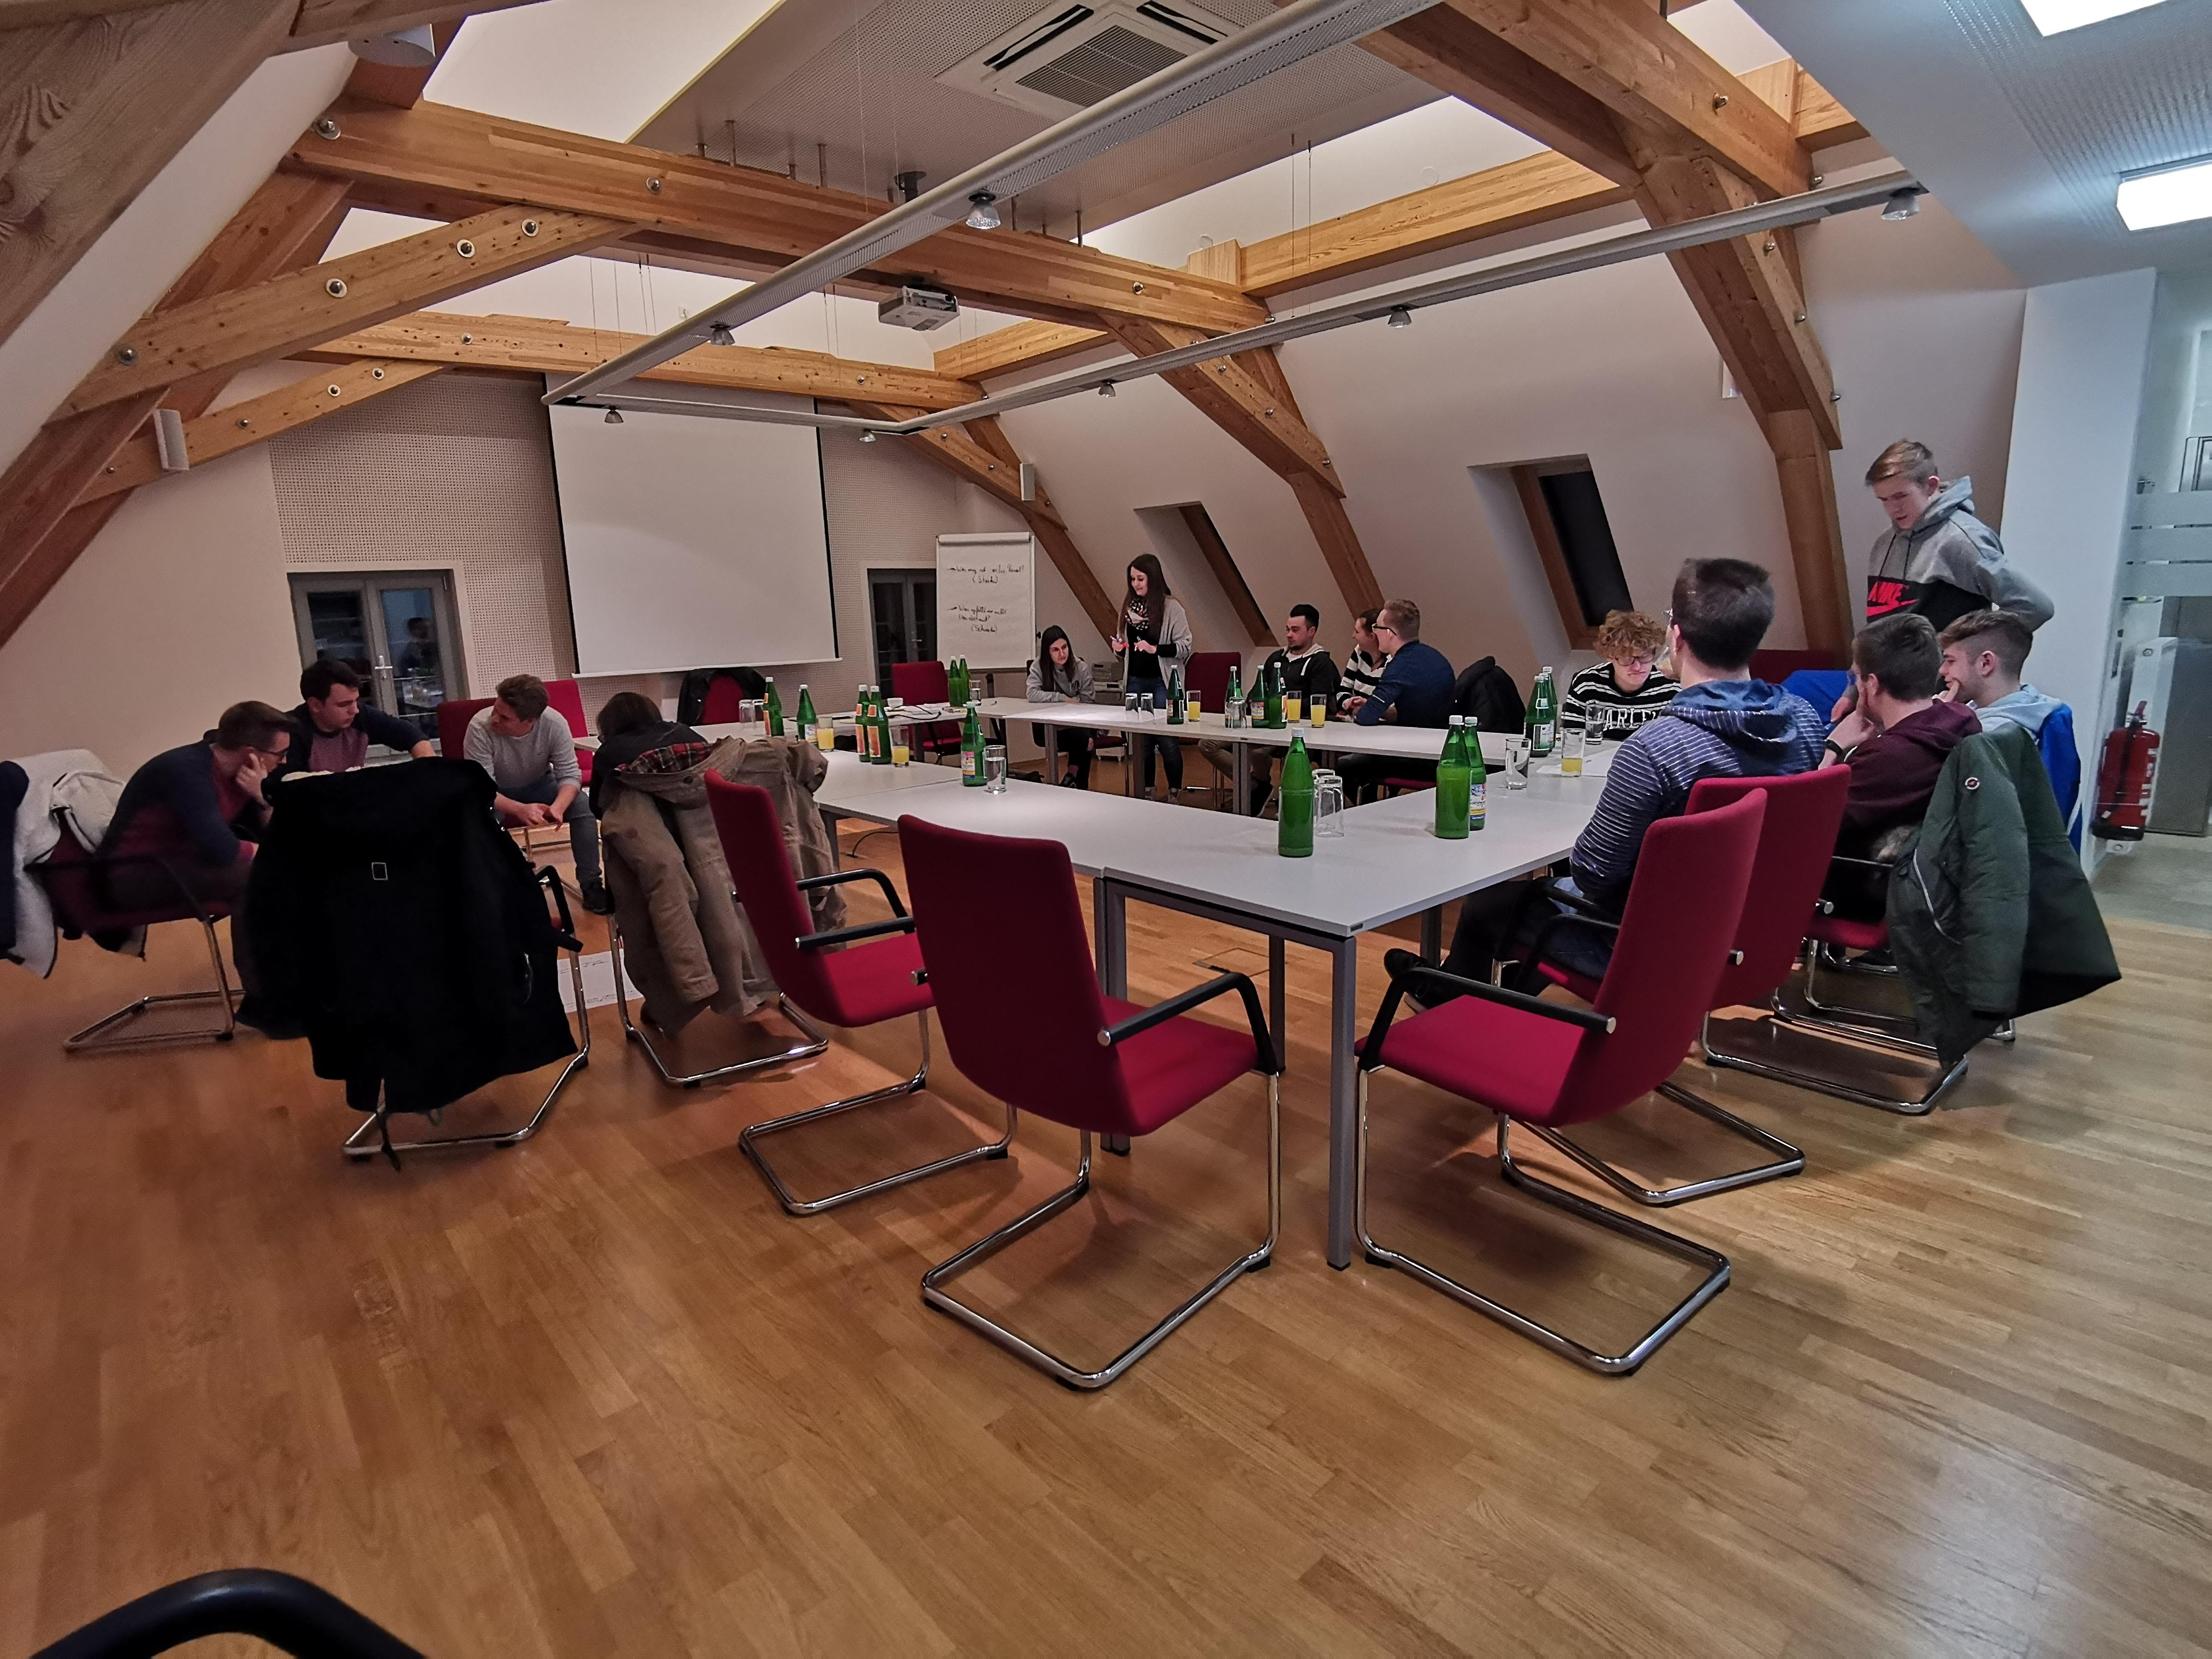 15 junge Erwachsene und ihre Ideen für eine starke Region bzw. Marktgemeinde.